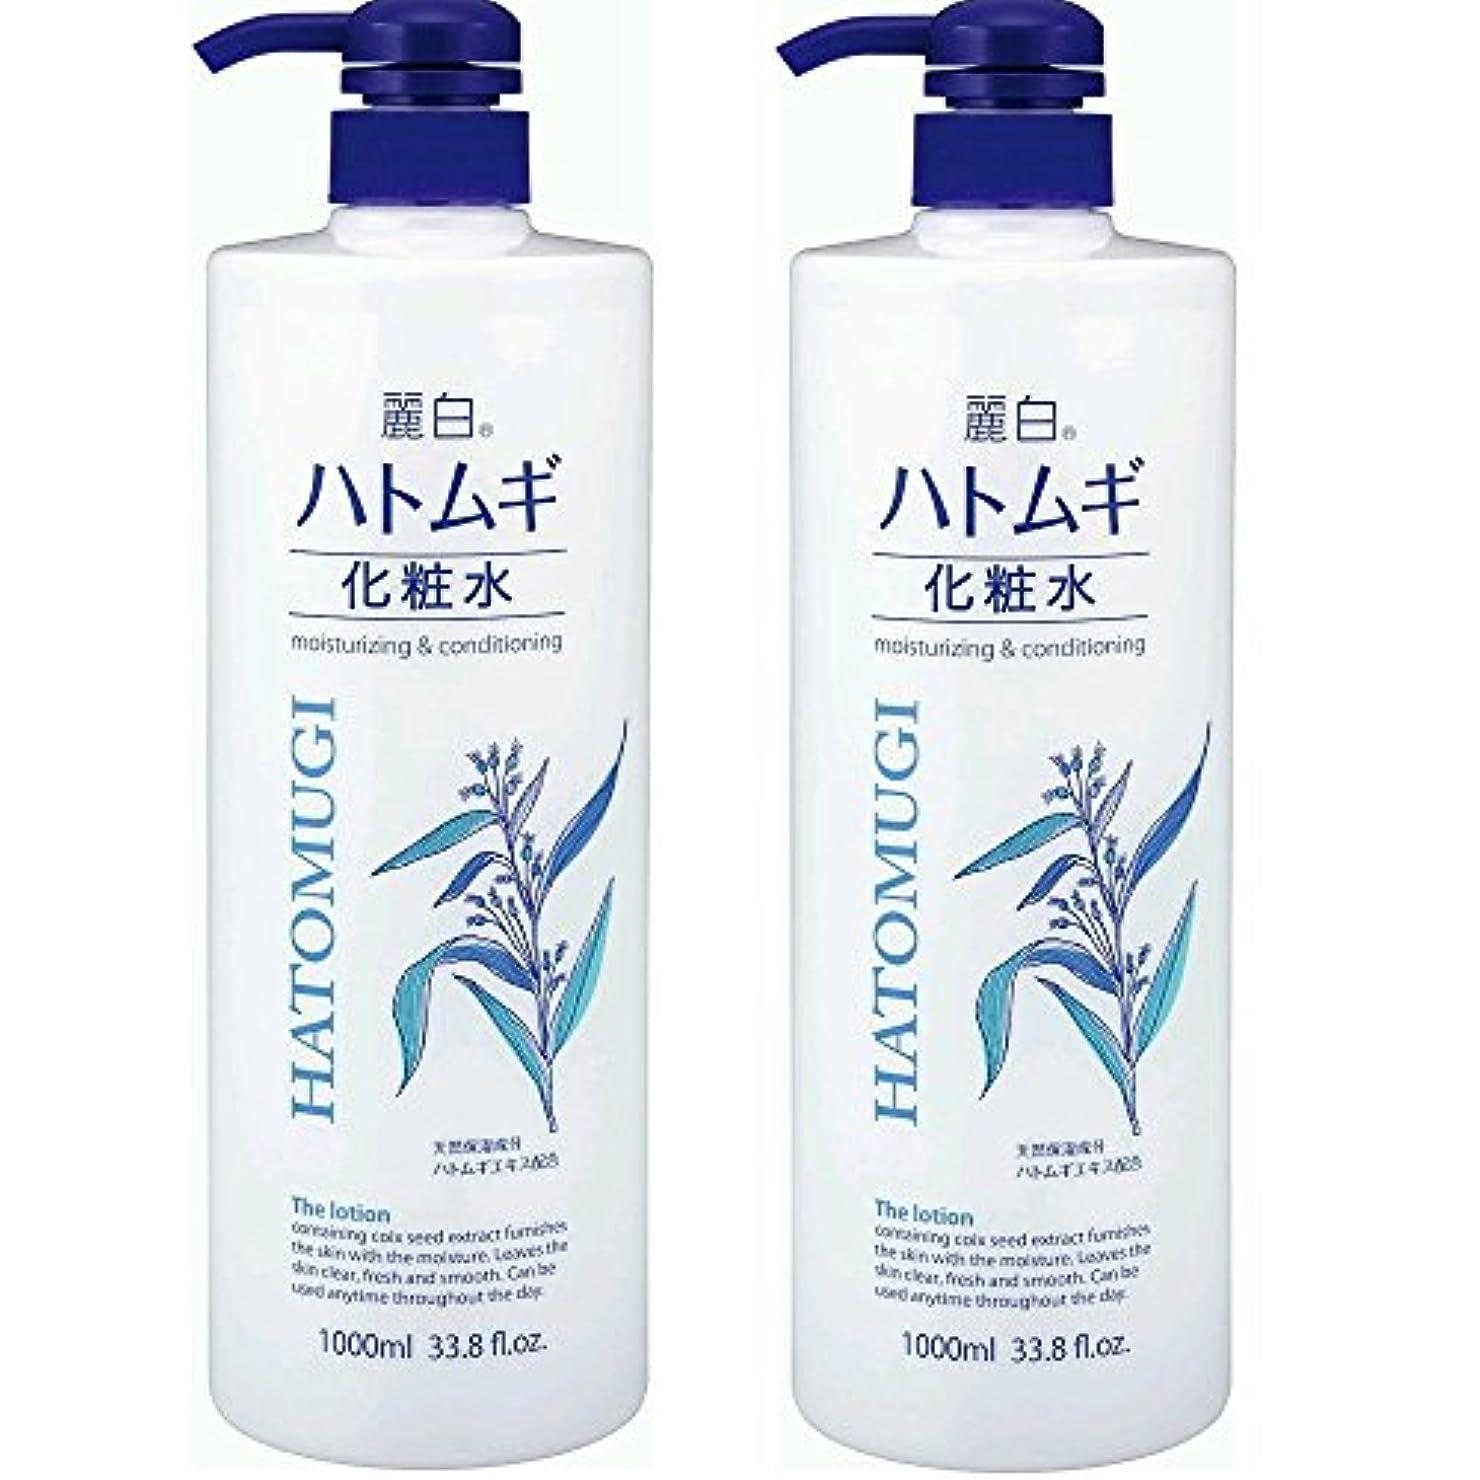 悪化する専門認める麗白 ハトムギ化粧水 本体 大容量サイズ 1000ml 2本セット